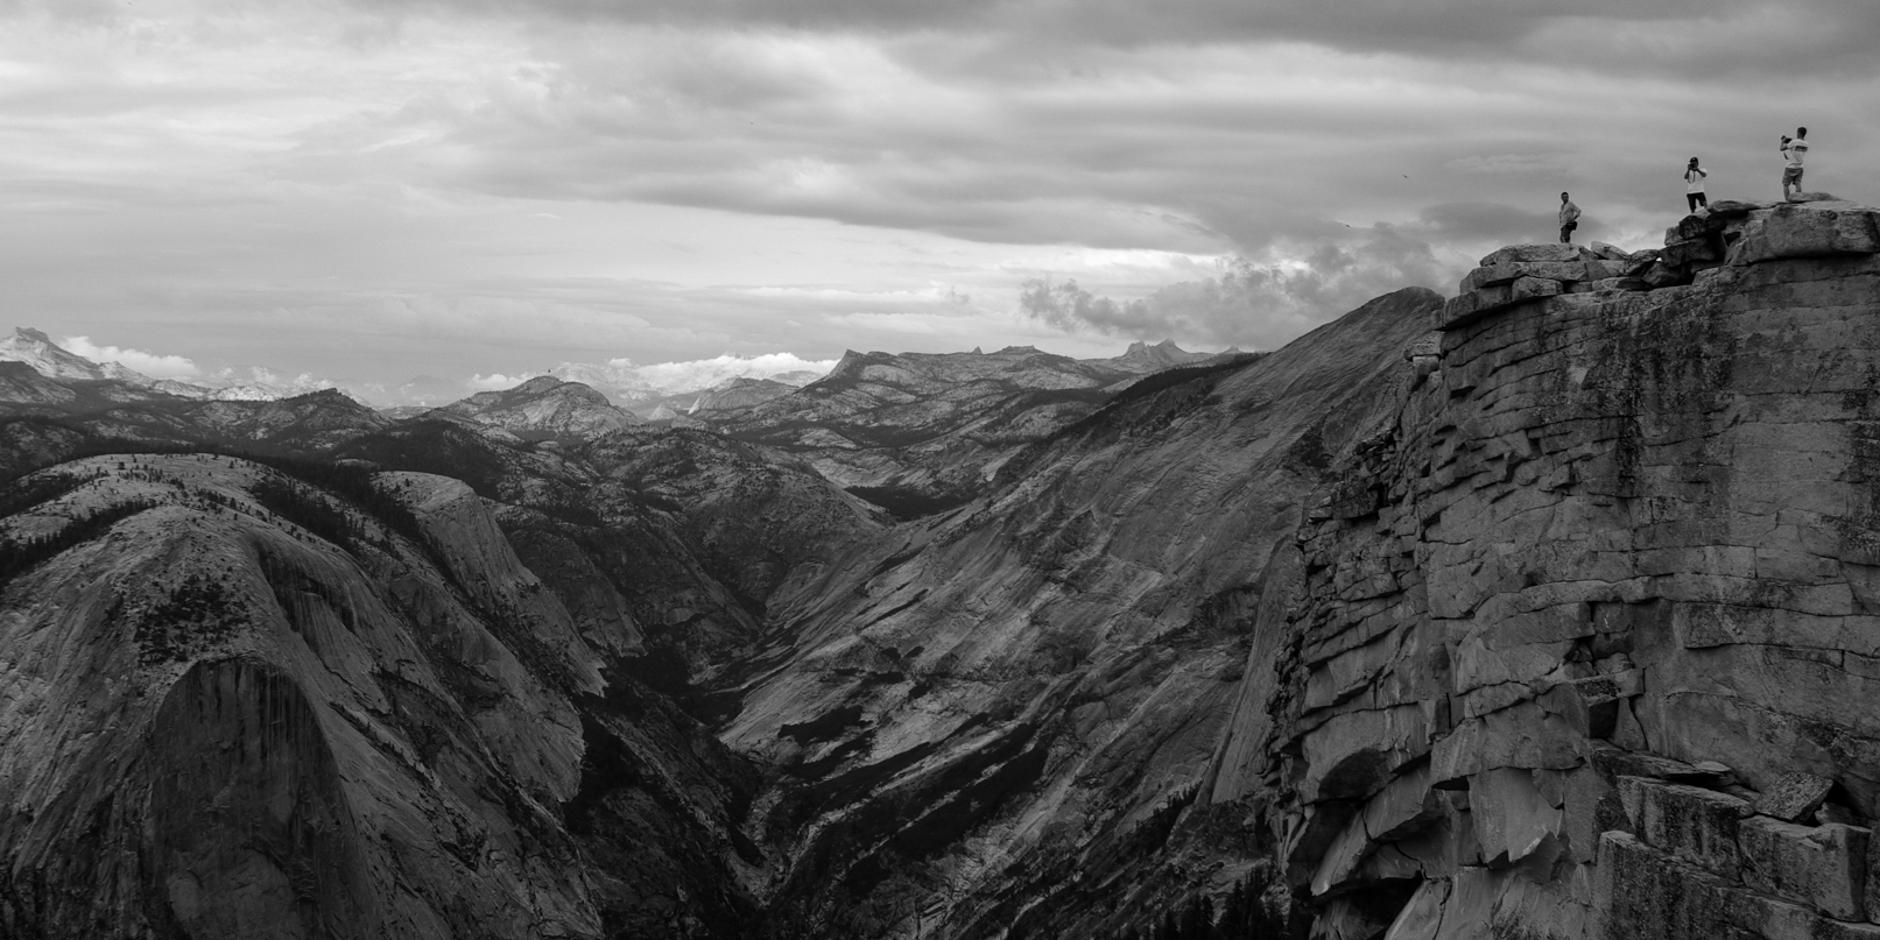 mountains_bw